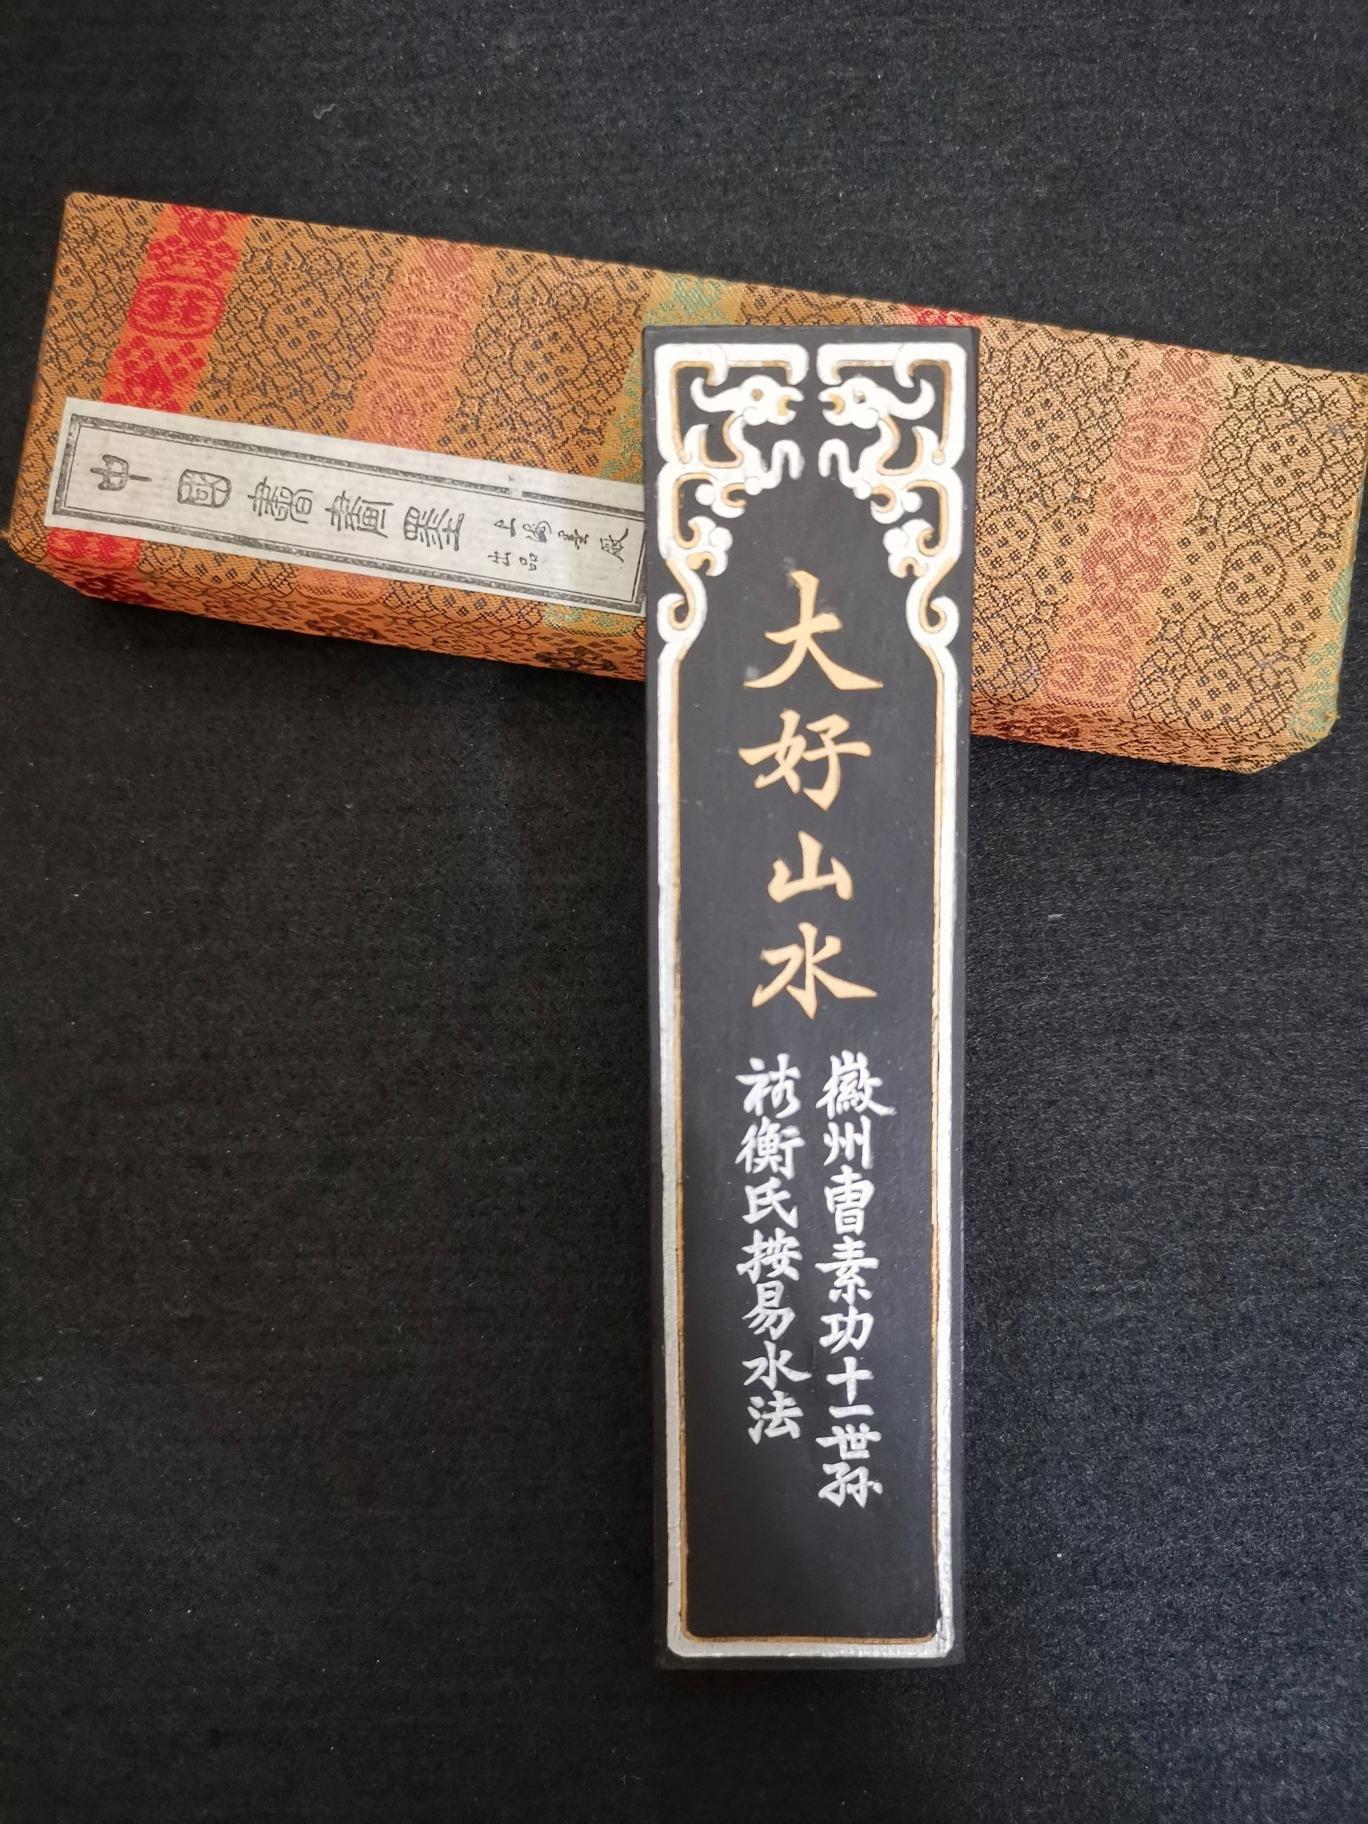 上海墨廠 上墨 徽歙曹素功 堯千氏《大好山水》(4兩) 油煙101 19 90年代上墨 停產前 存放20年以上 墨條